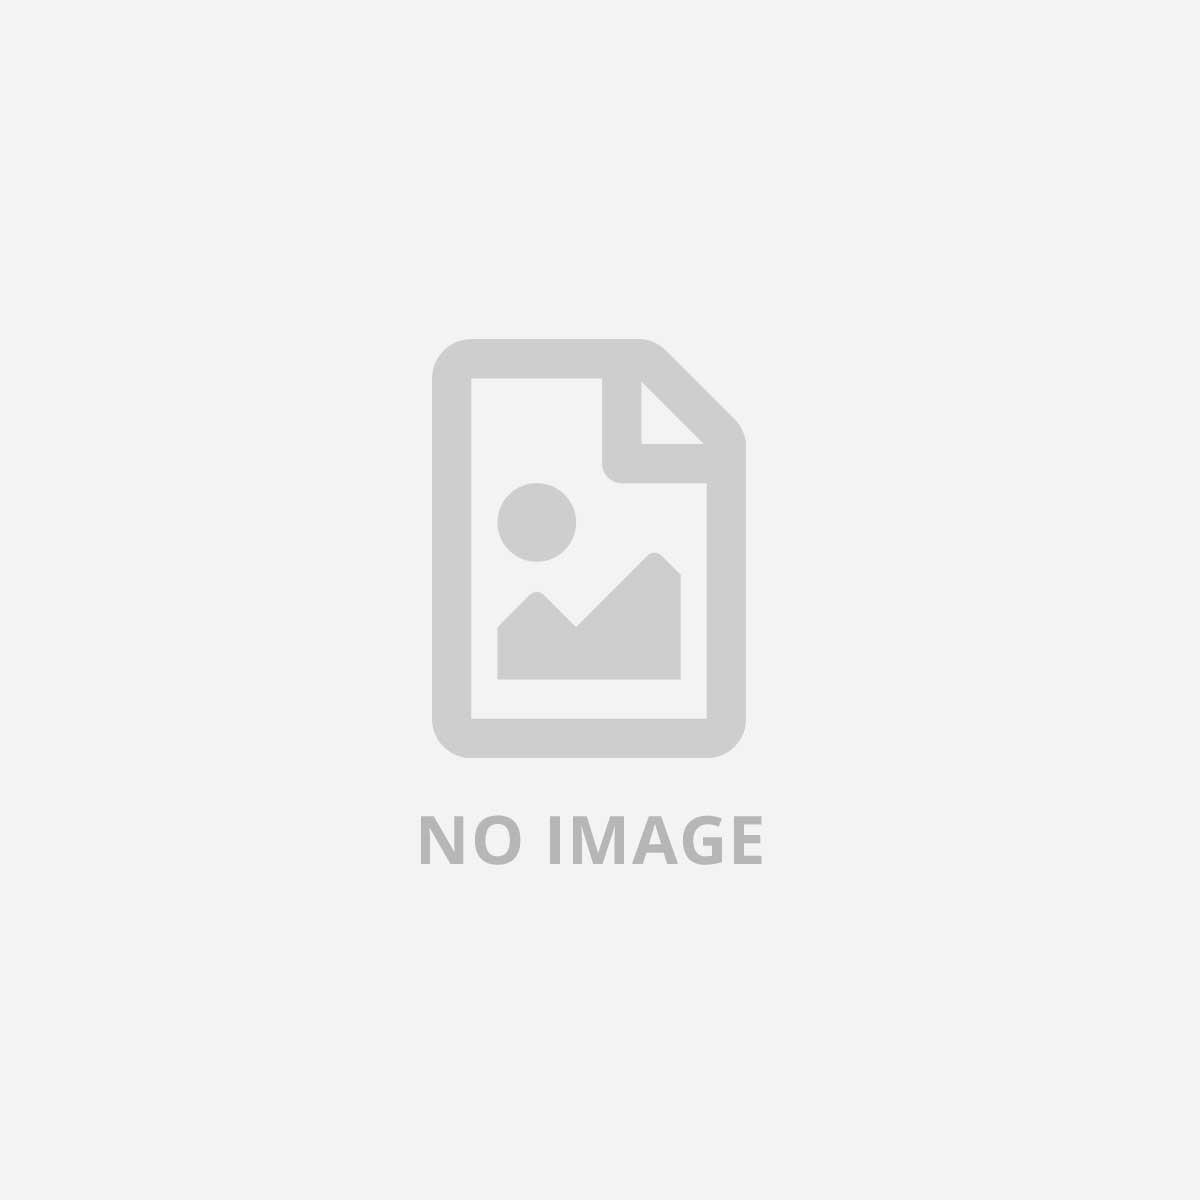 IBM LTO 5 ULTRIUM 1 5-3 0 TB